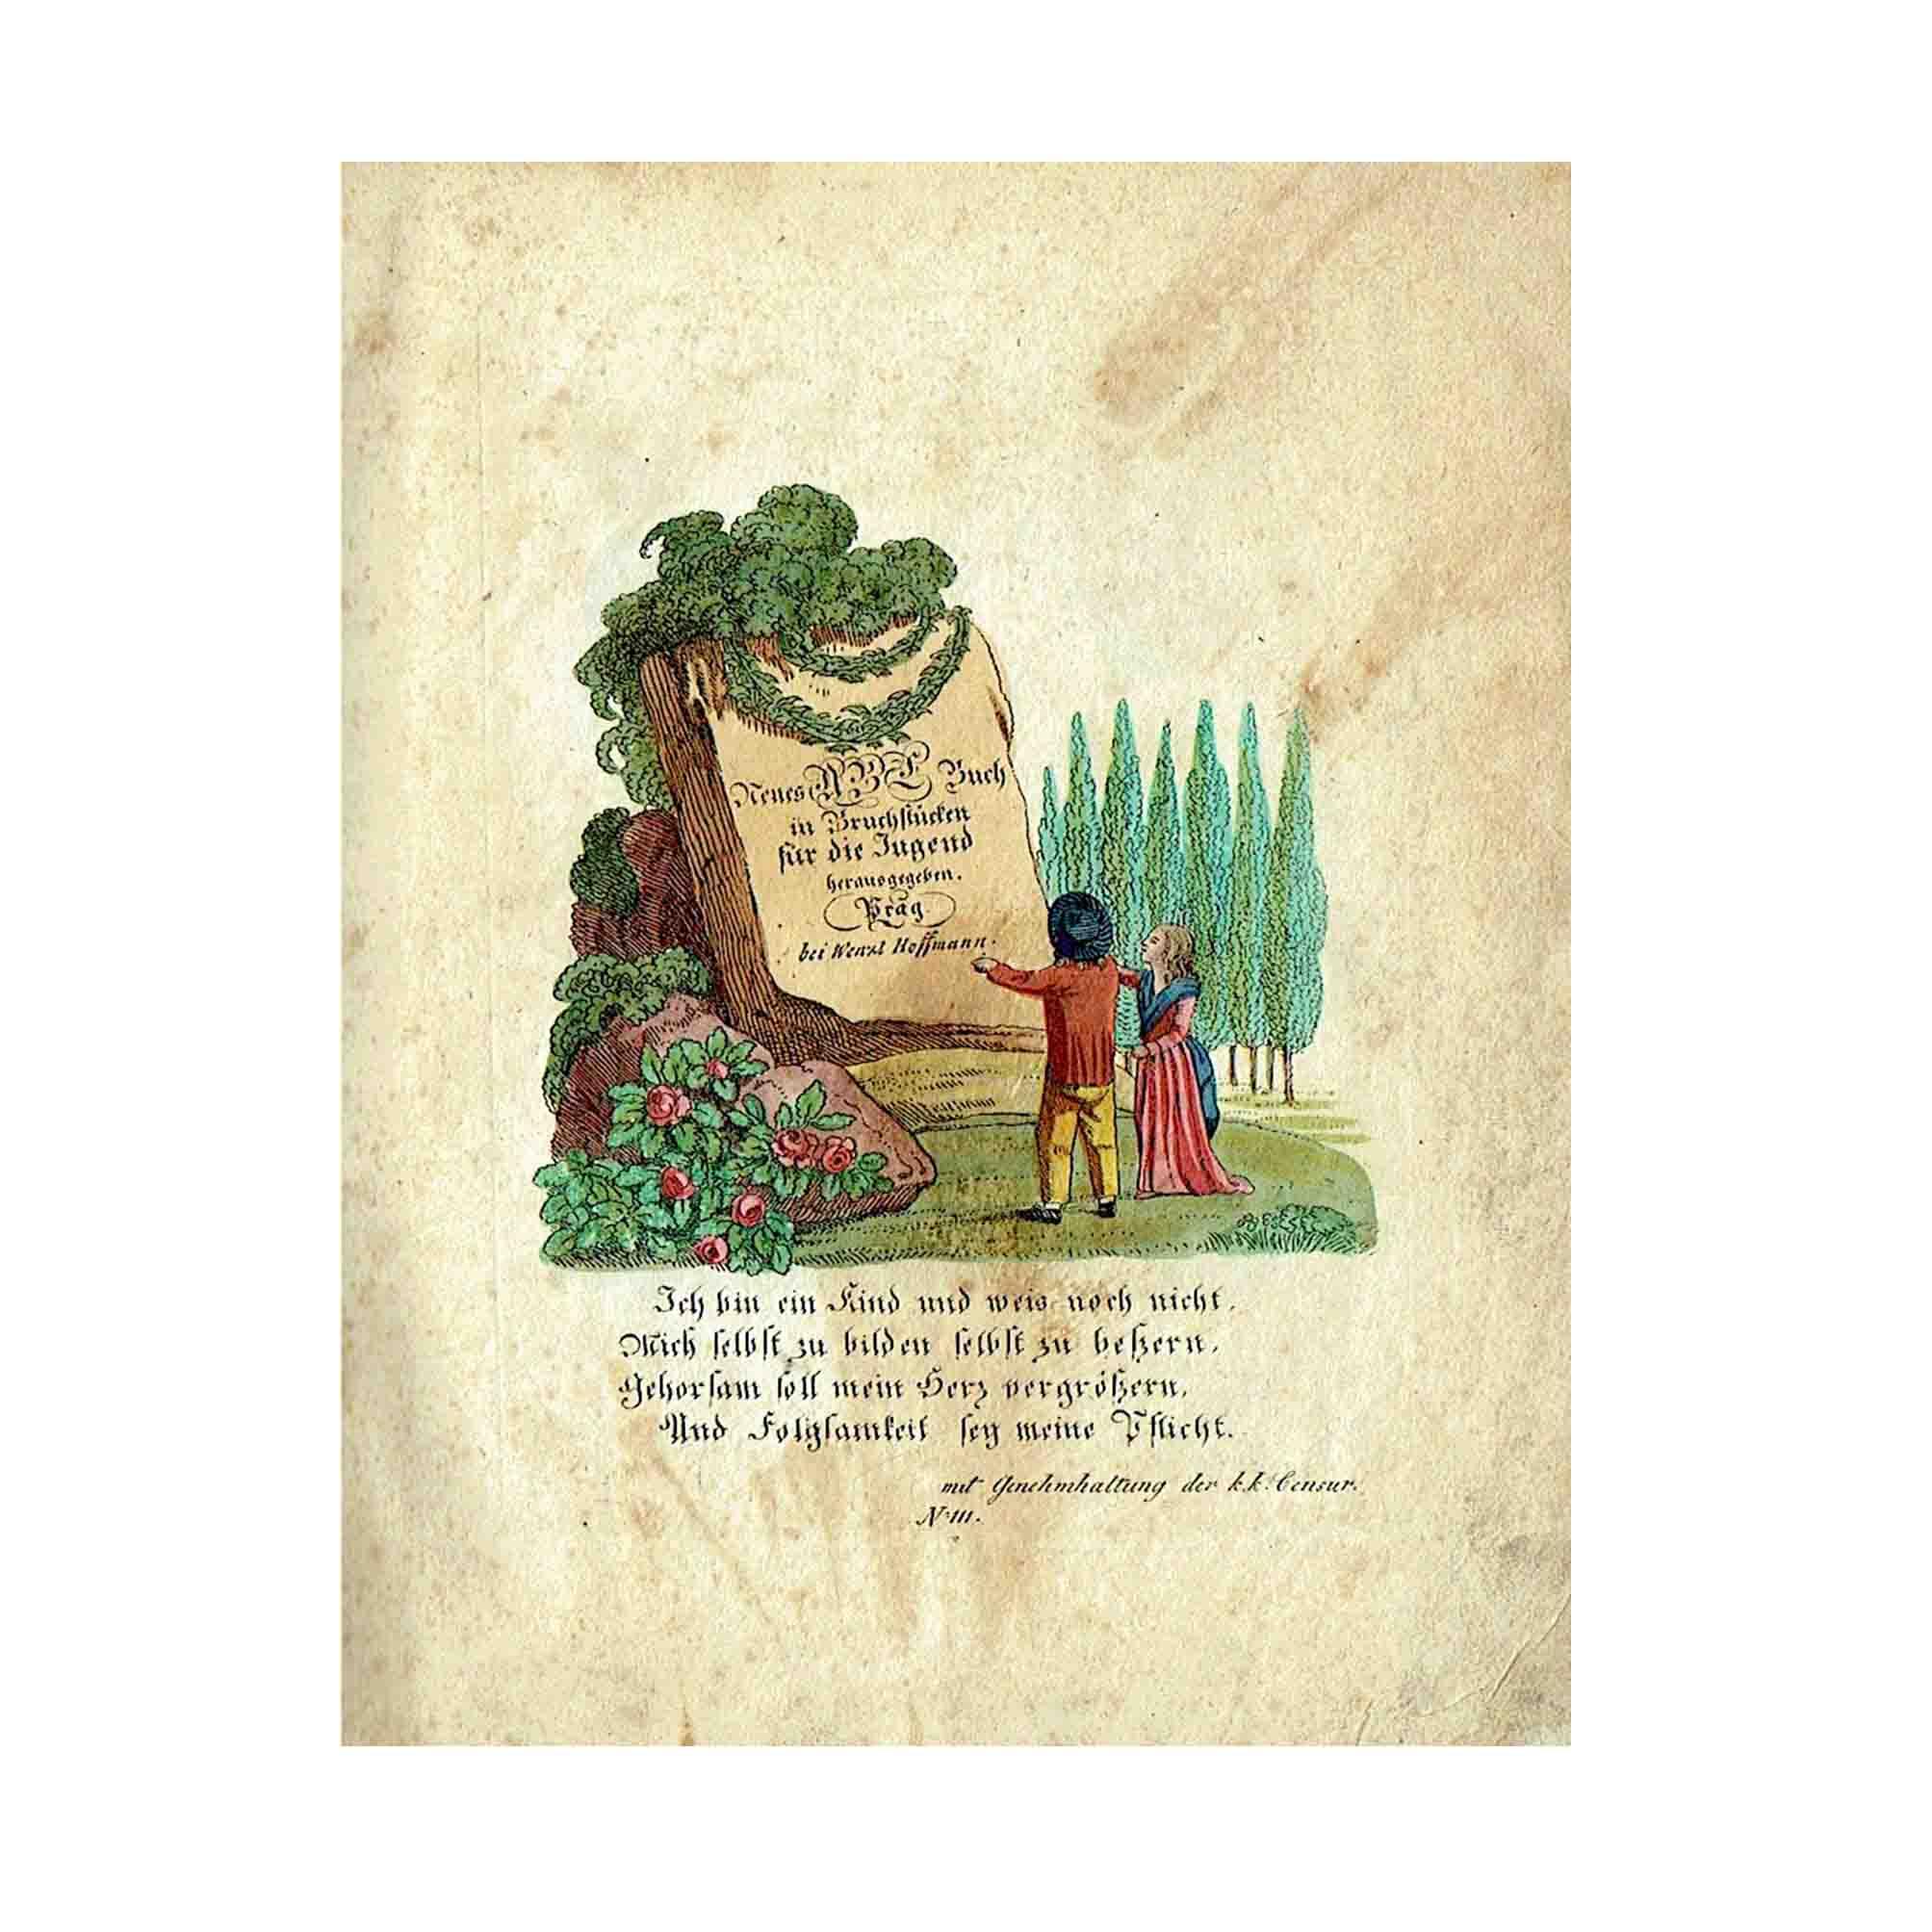 5684-Hoffmann-ABC-Buch-1820-Title-N-1.jpeg